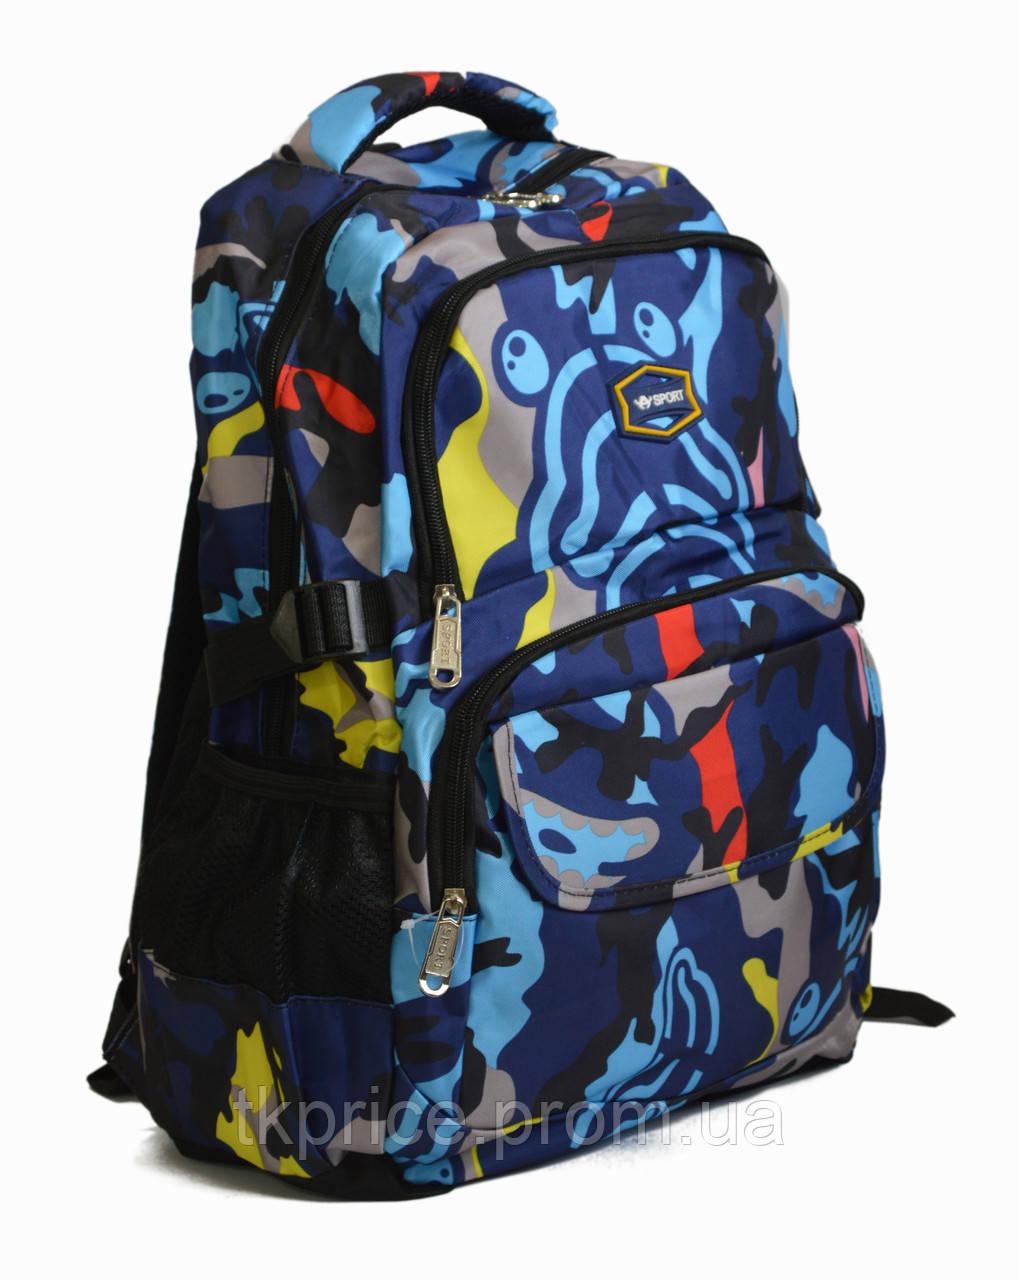 54ccd9071401 Универсальный рюкзак для школы и прогулок подростковый - Интернет-магазин